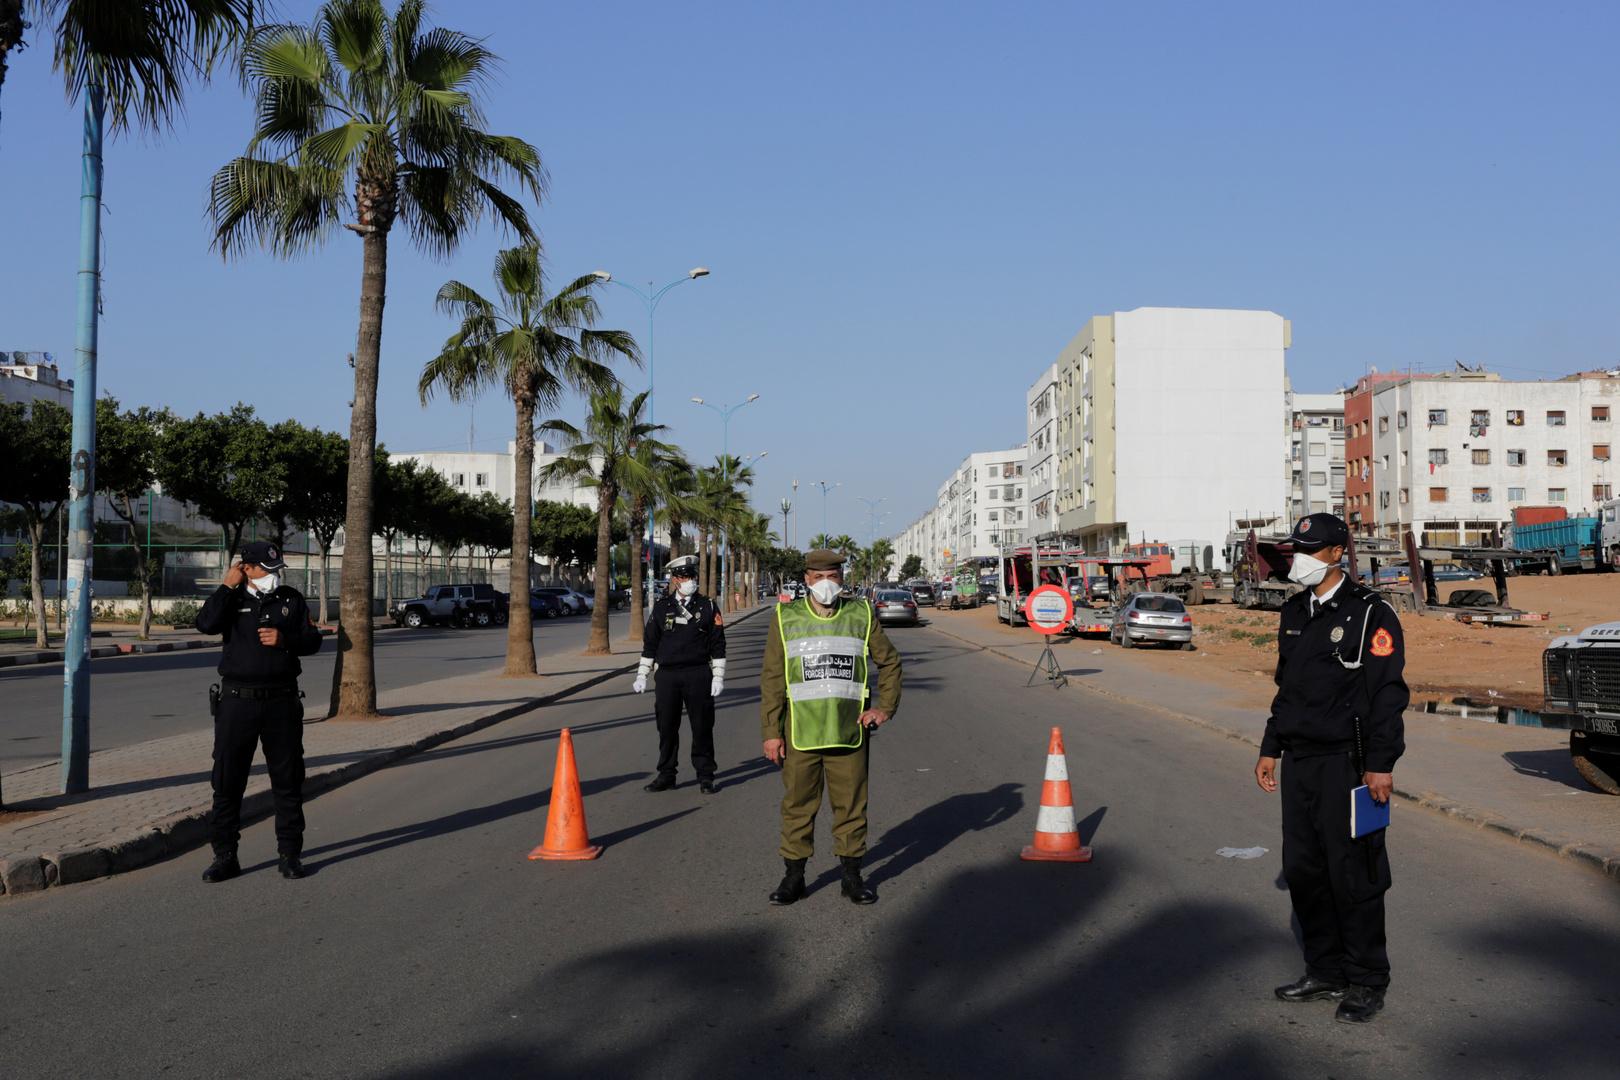 المغرب يفرض حظر التجول من الـ9 مساء حتى الـ5 صباحا بدءا من الغد لكبح تفشي كورونا